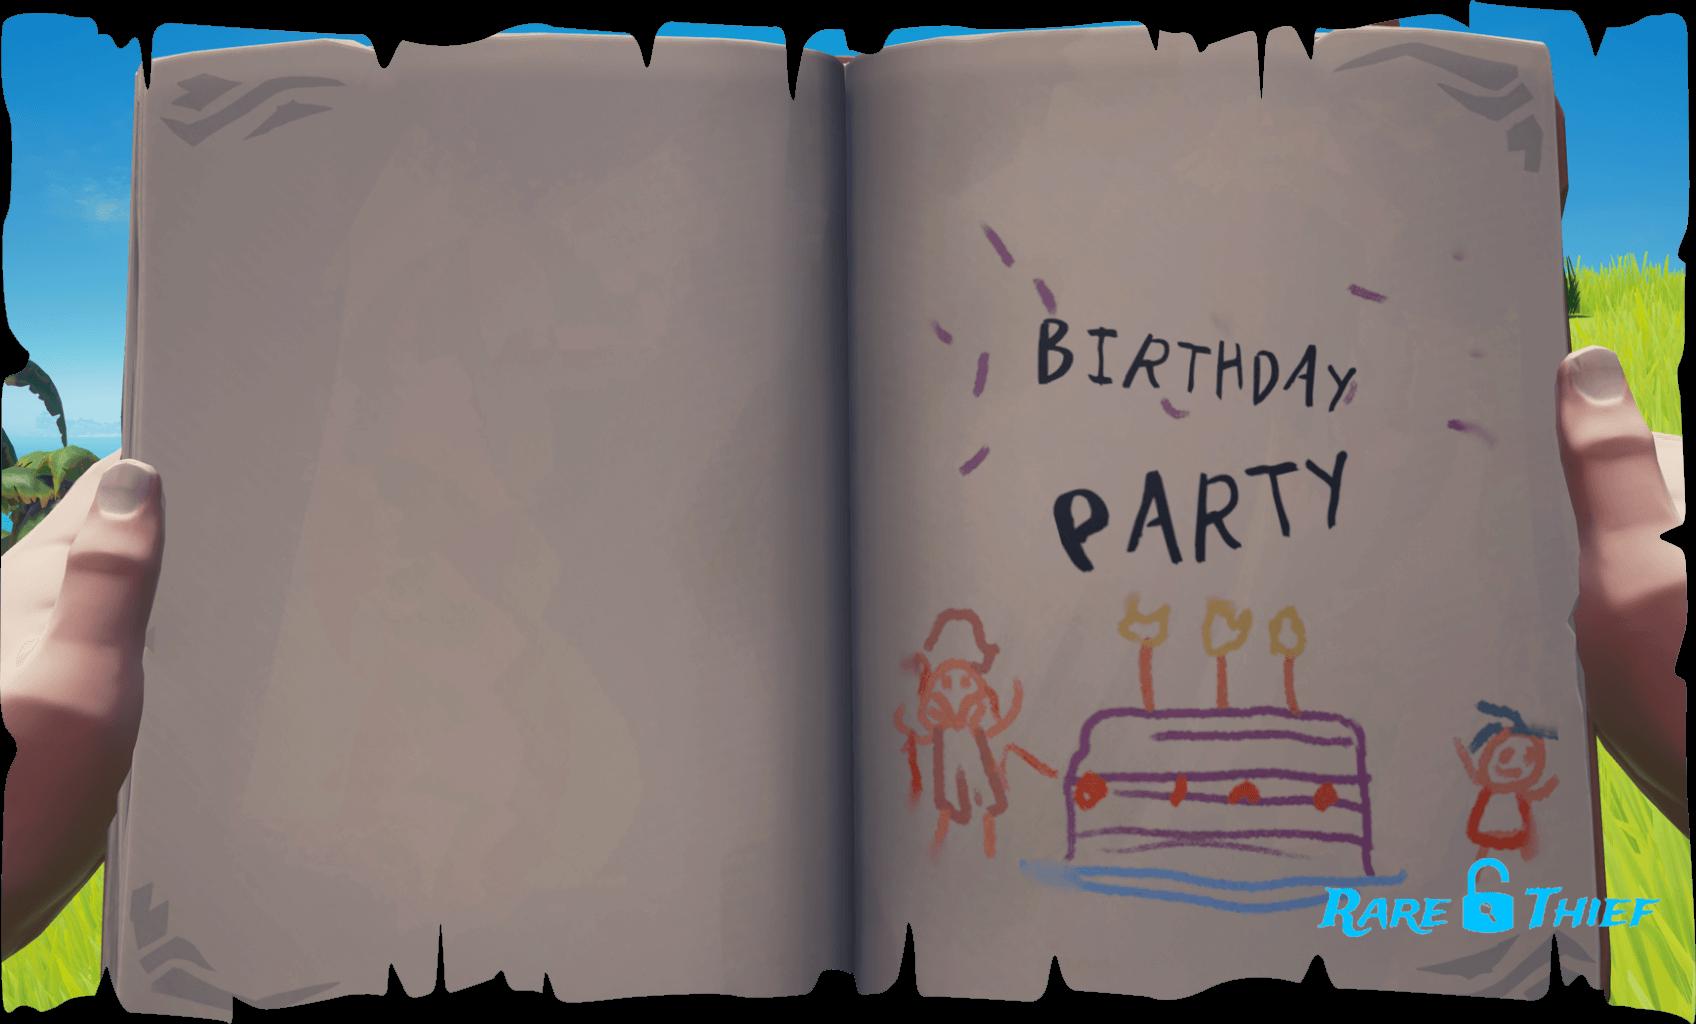 Legendary Storyteller Birthday Party